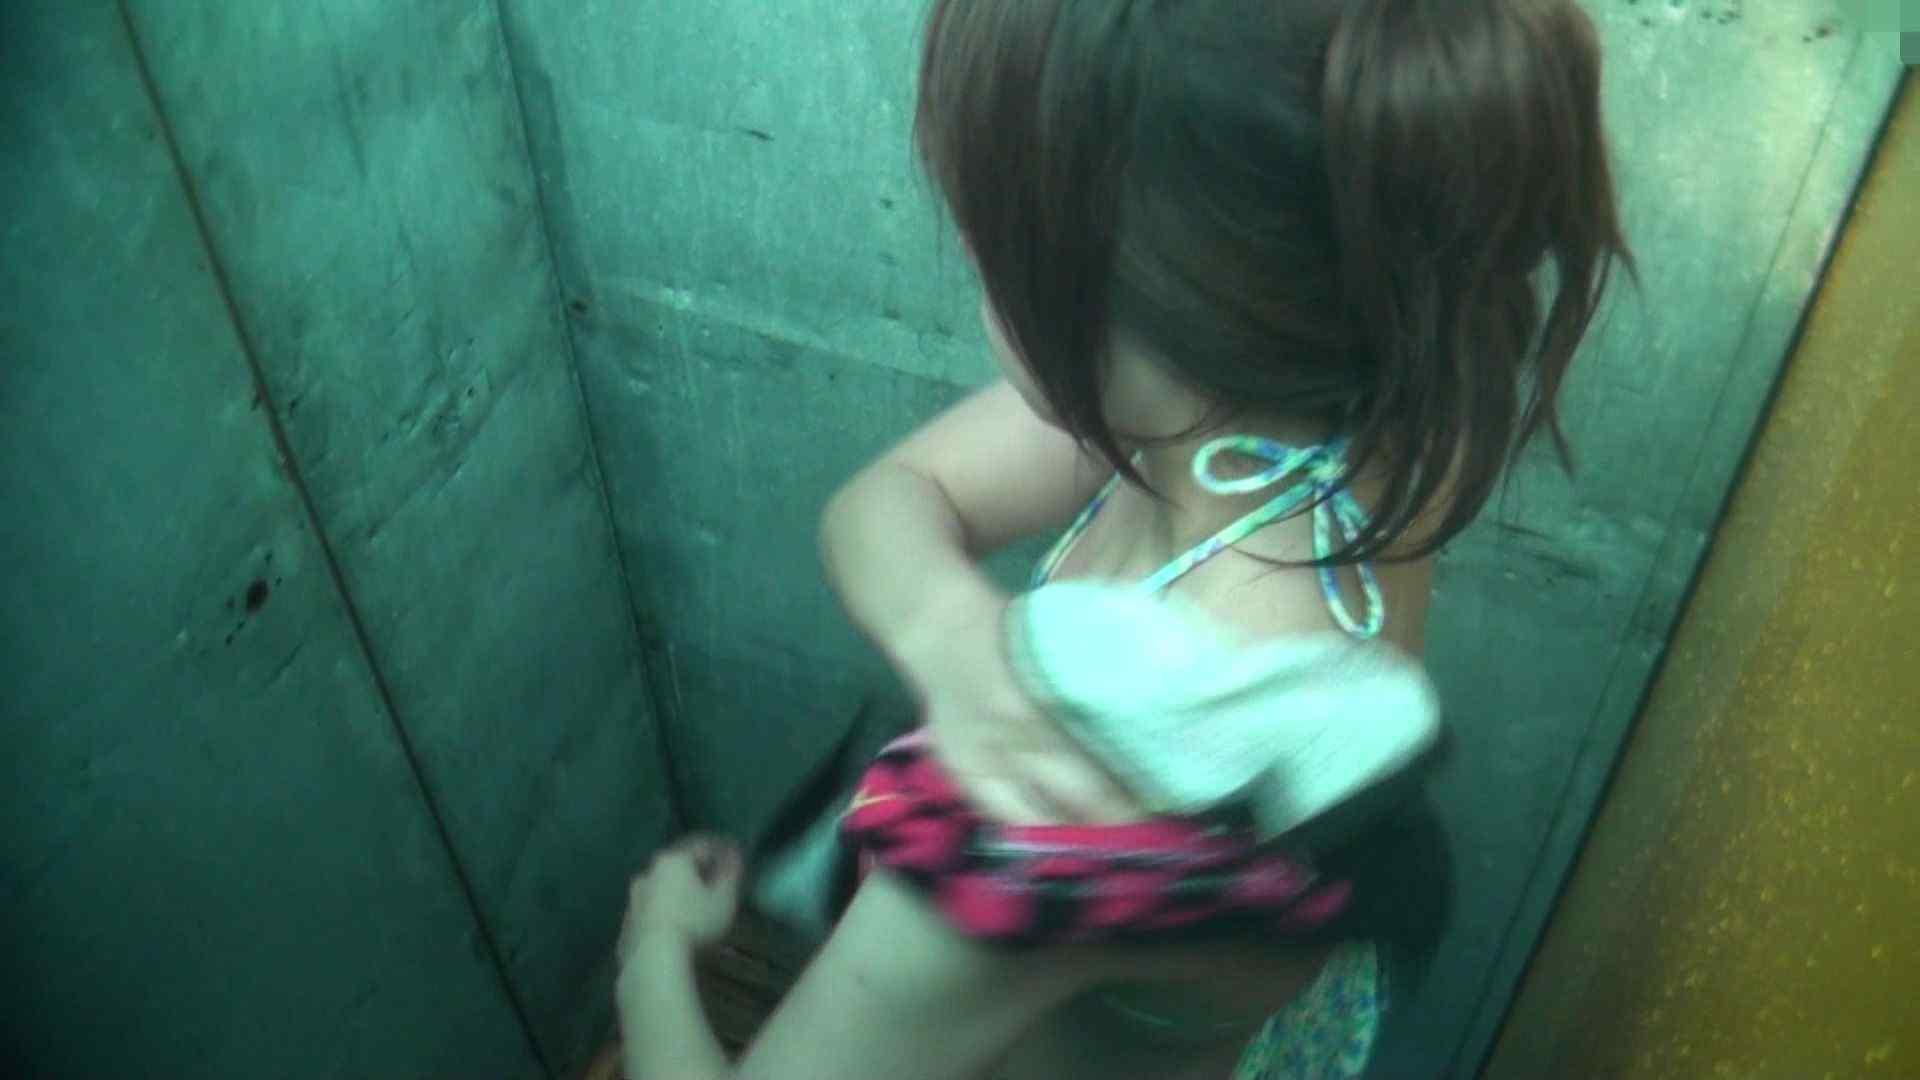 シャワールームは超!!危険な香りVol.15 残念ですが乳首未確認 マンコの砂は入念に 高画質  70pic 10